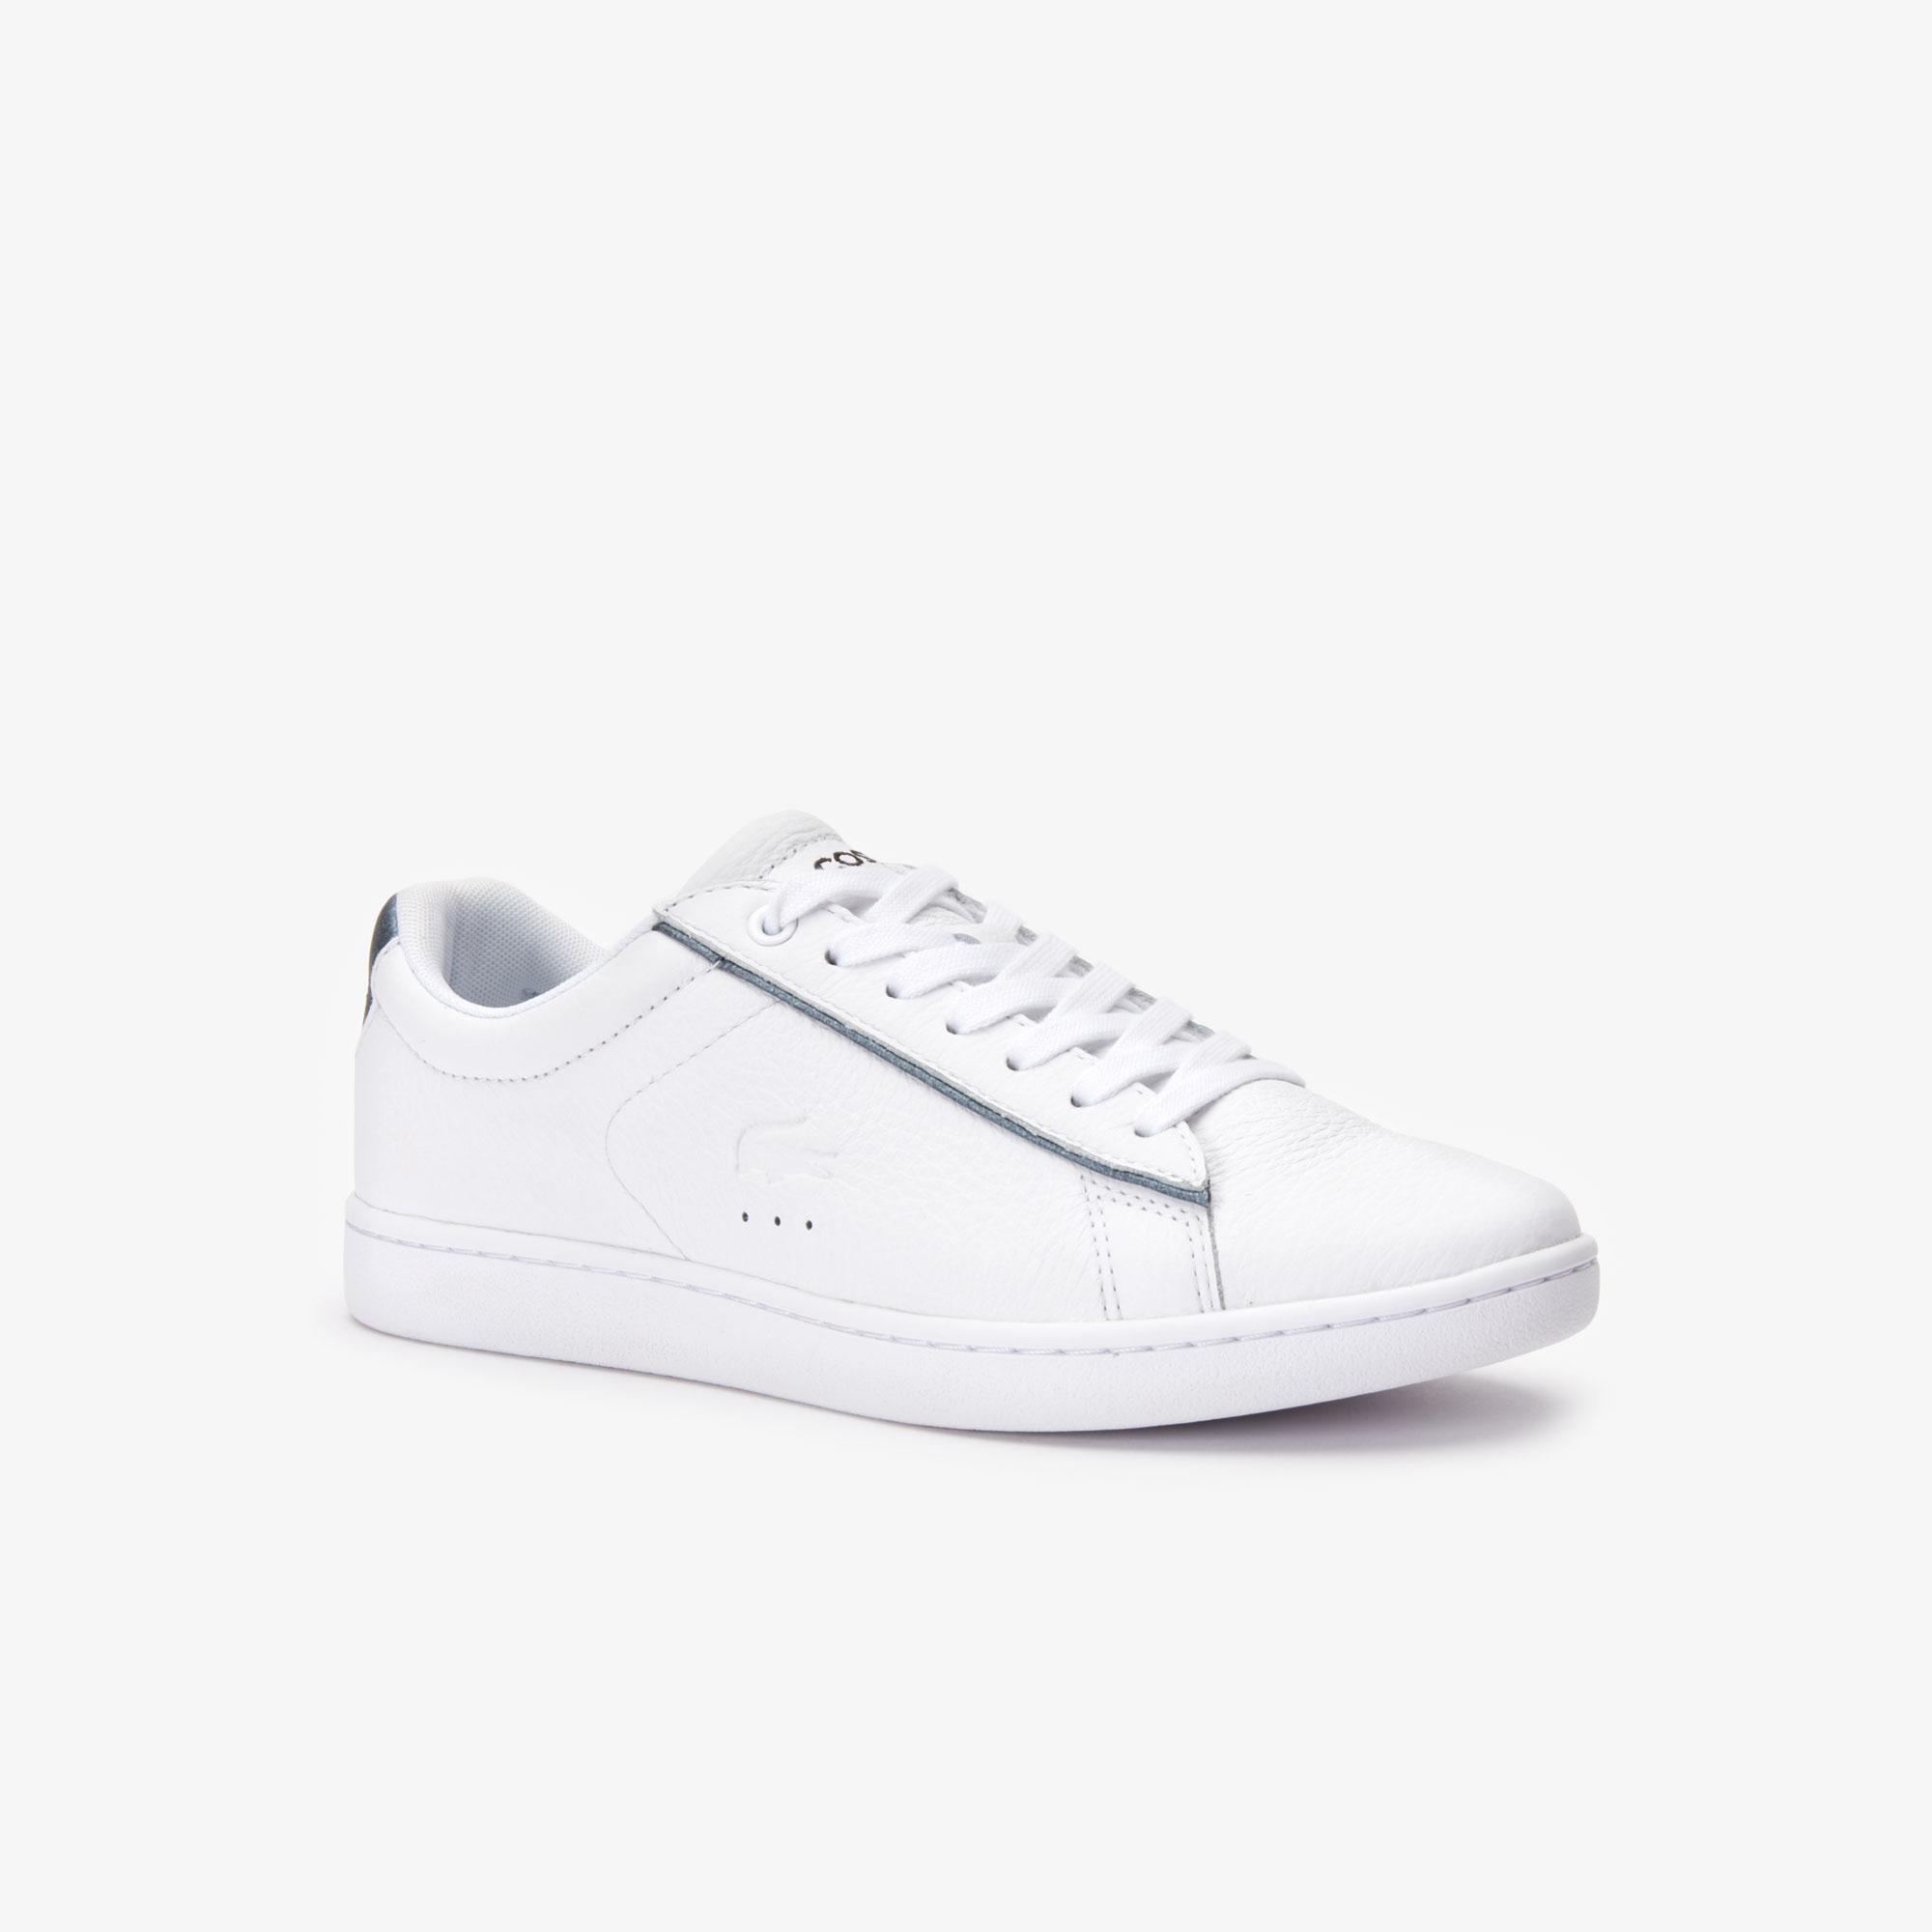 Lacoste Carnaby Evo 319 9 Sfa Kadın Beyaz - Gri Sneaker